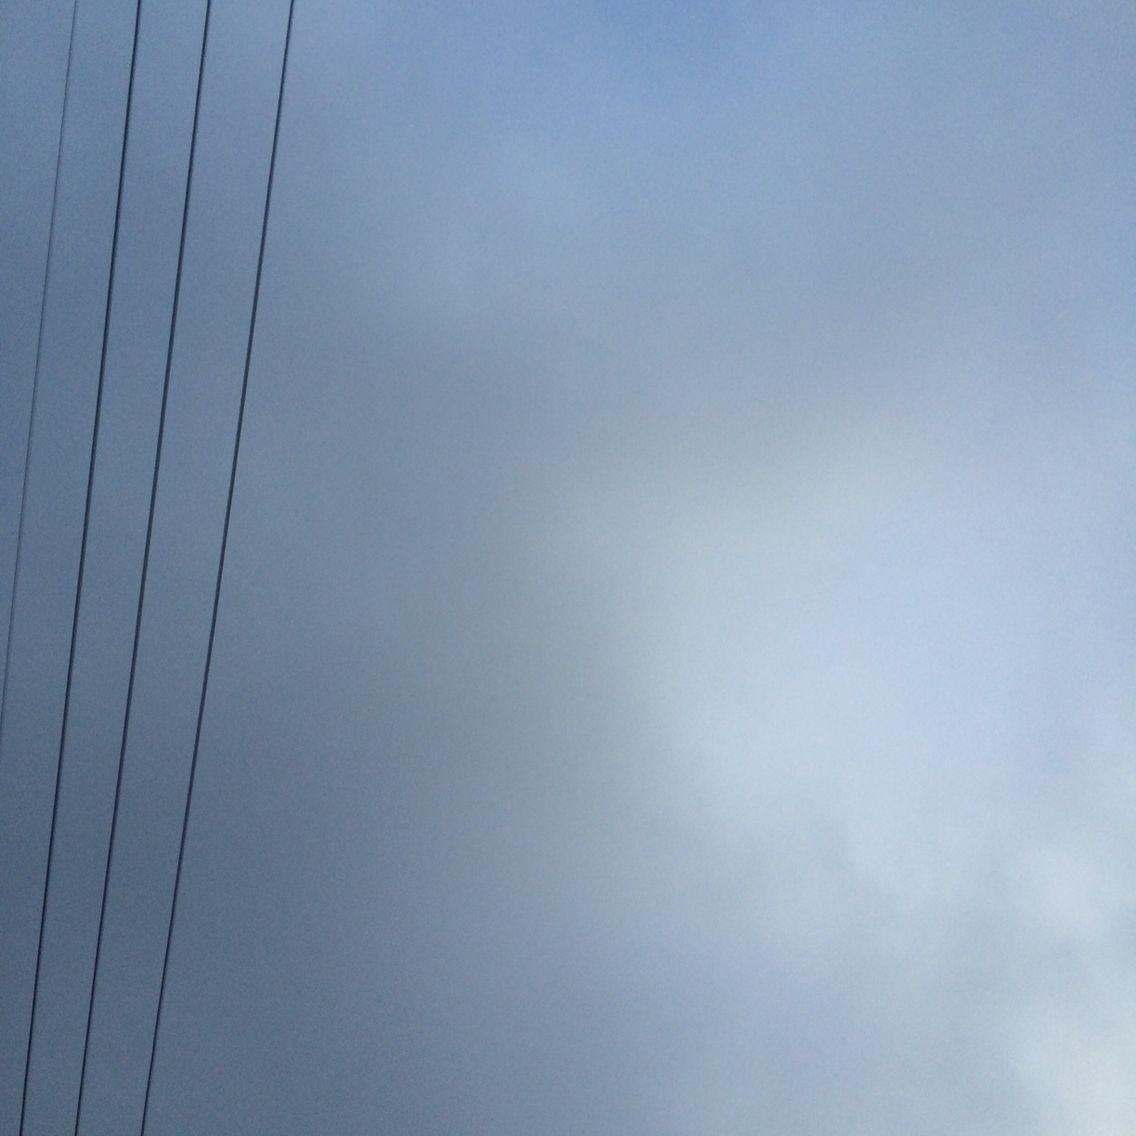 2016년 6월 29일의 하늘 #sky #cloud